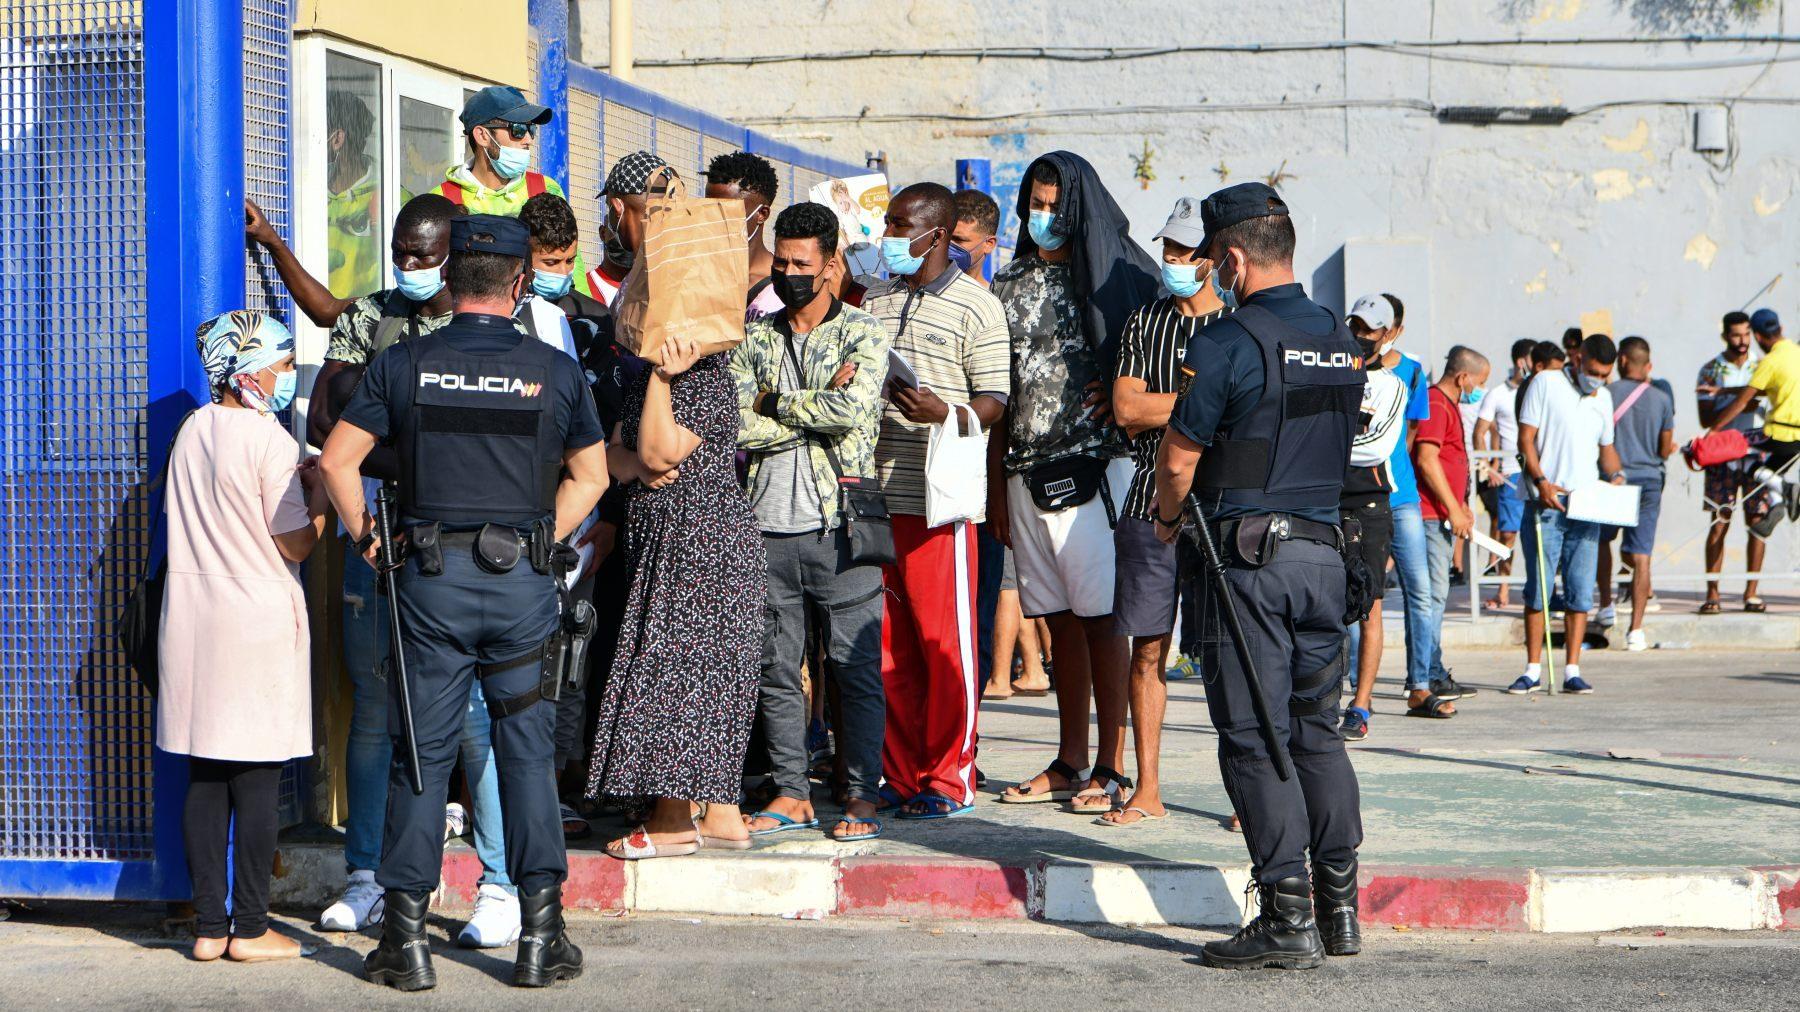 Inmigrantes ilegales guardan cola en Ceuta para solicitar asilo (ANTONIO SEMPERE / EUROPA PRESS). (1)